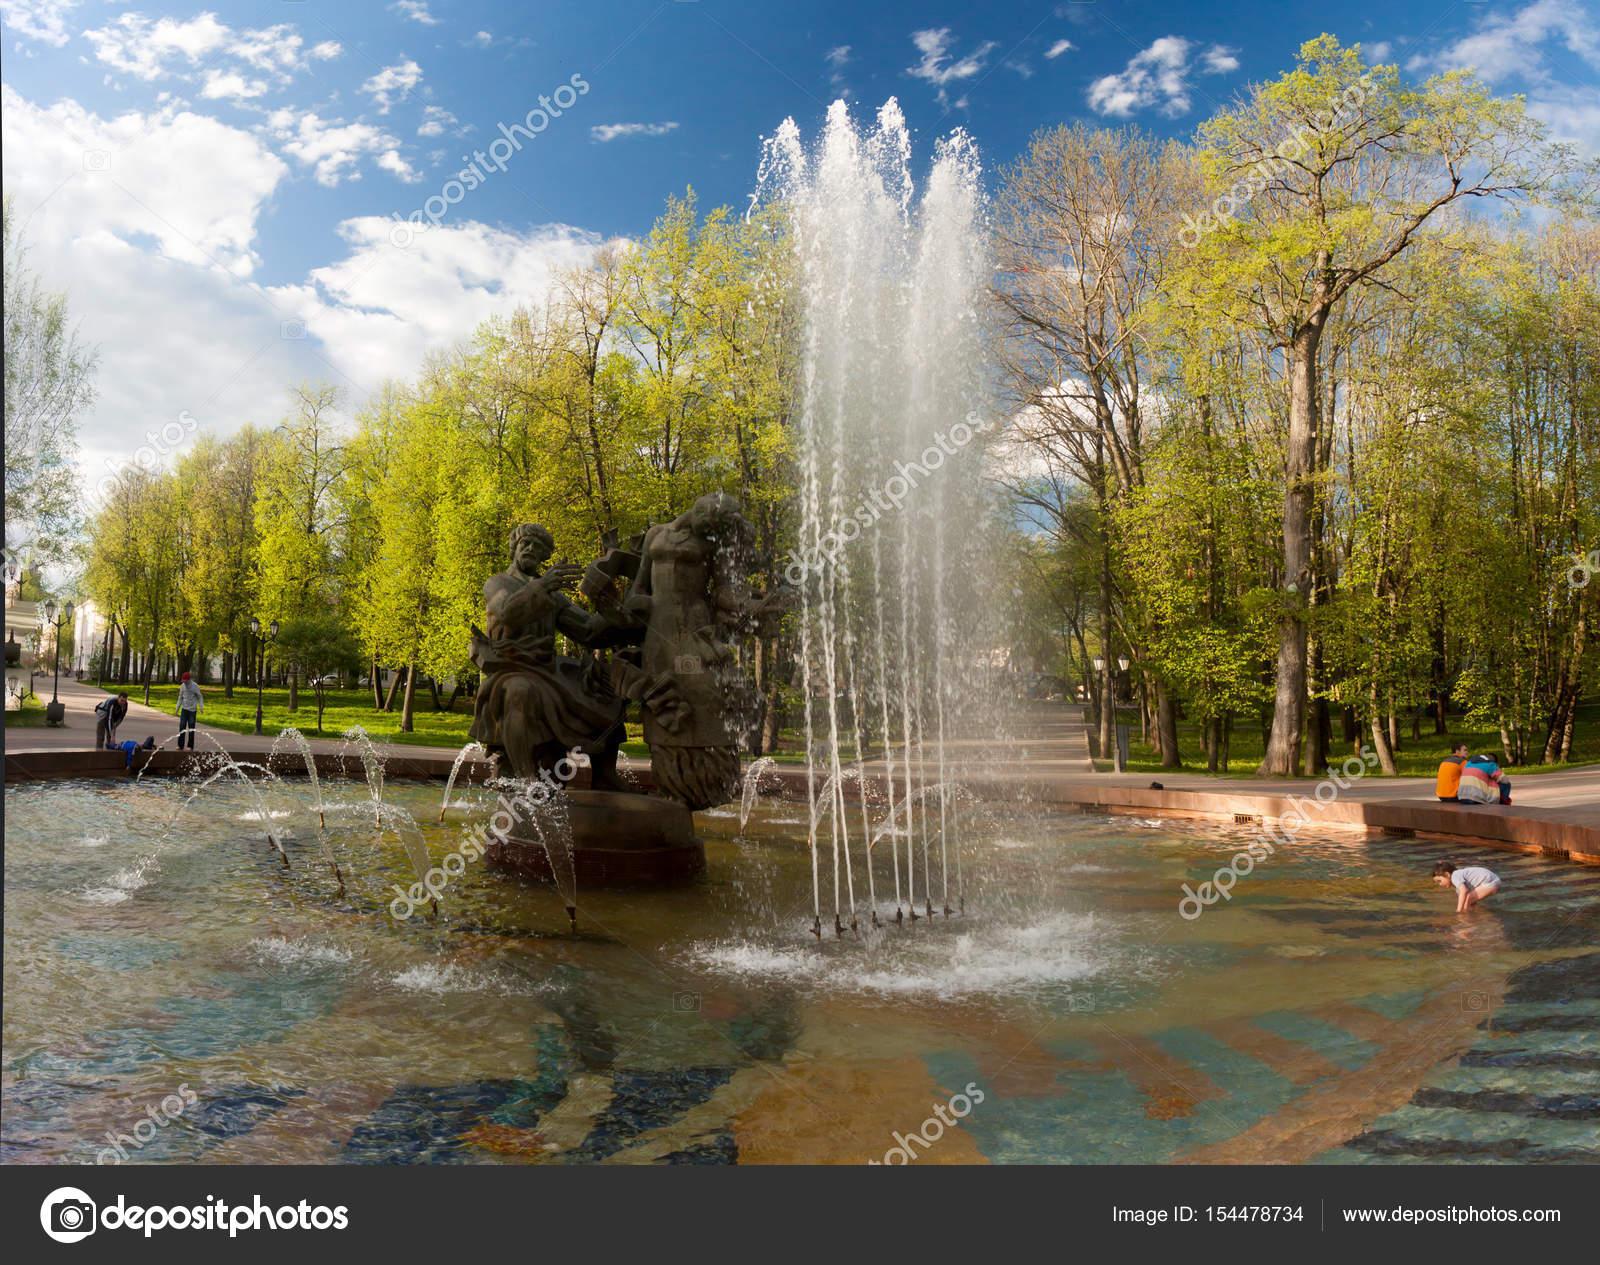 weliki nowgorod - 23 mai: die brunnen am kreml-mauern, russland-23